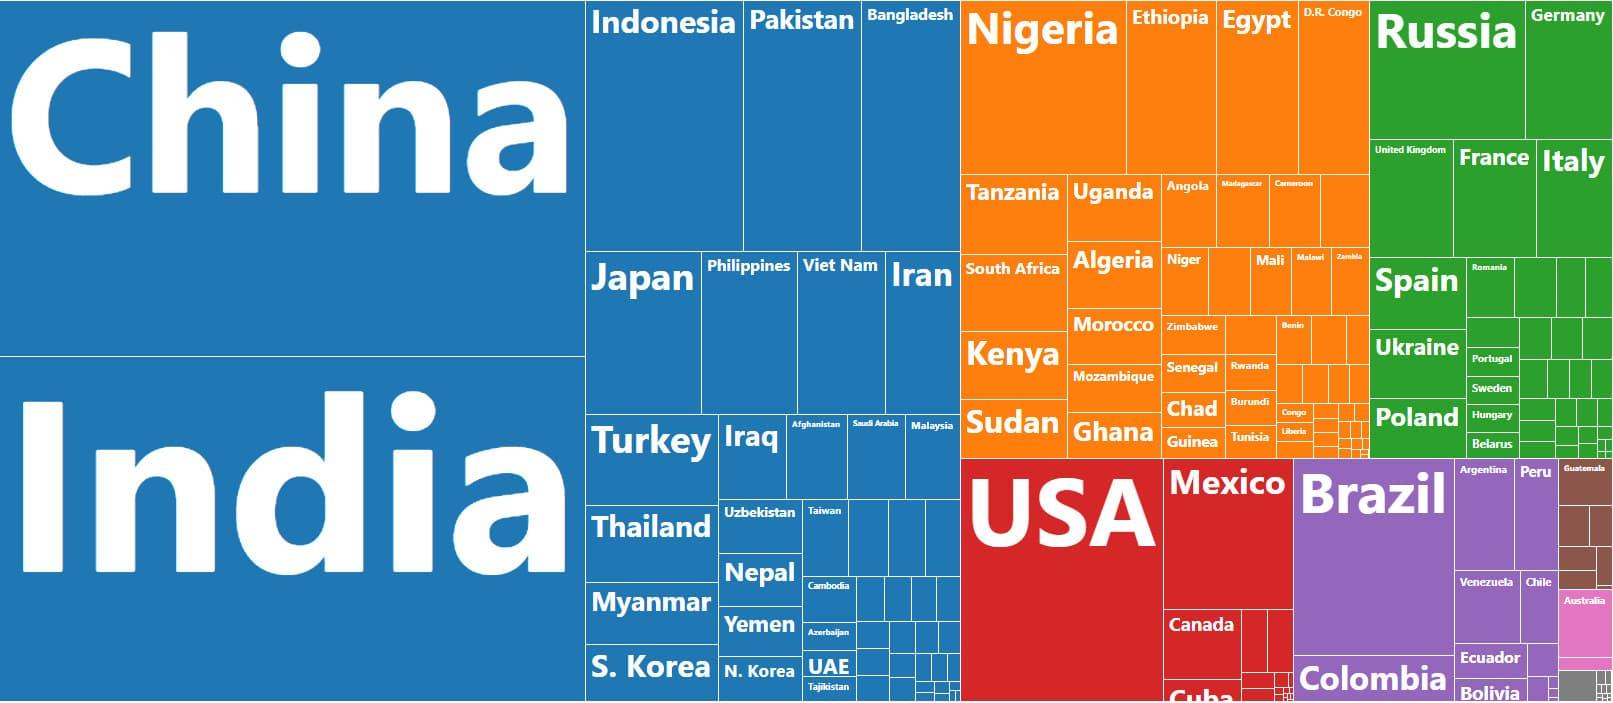 Инфографика населения стран мира